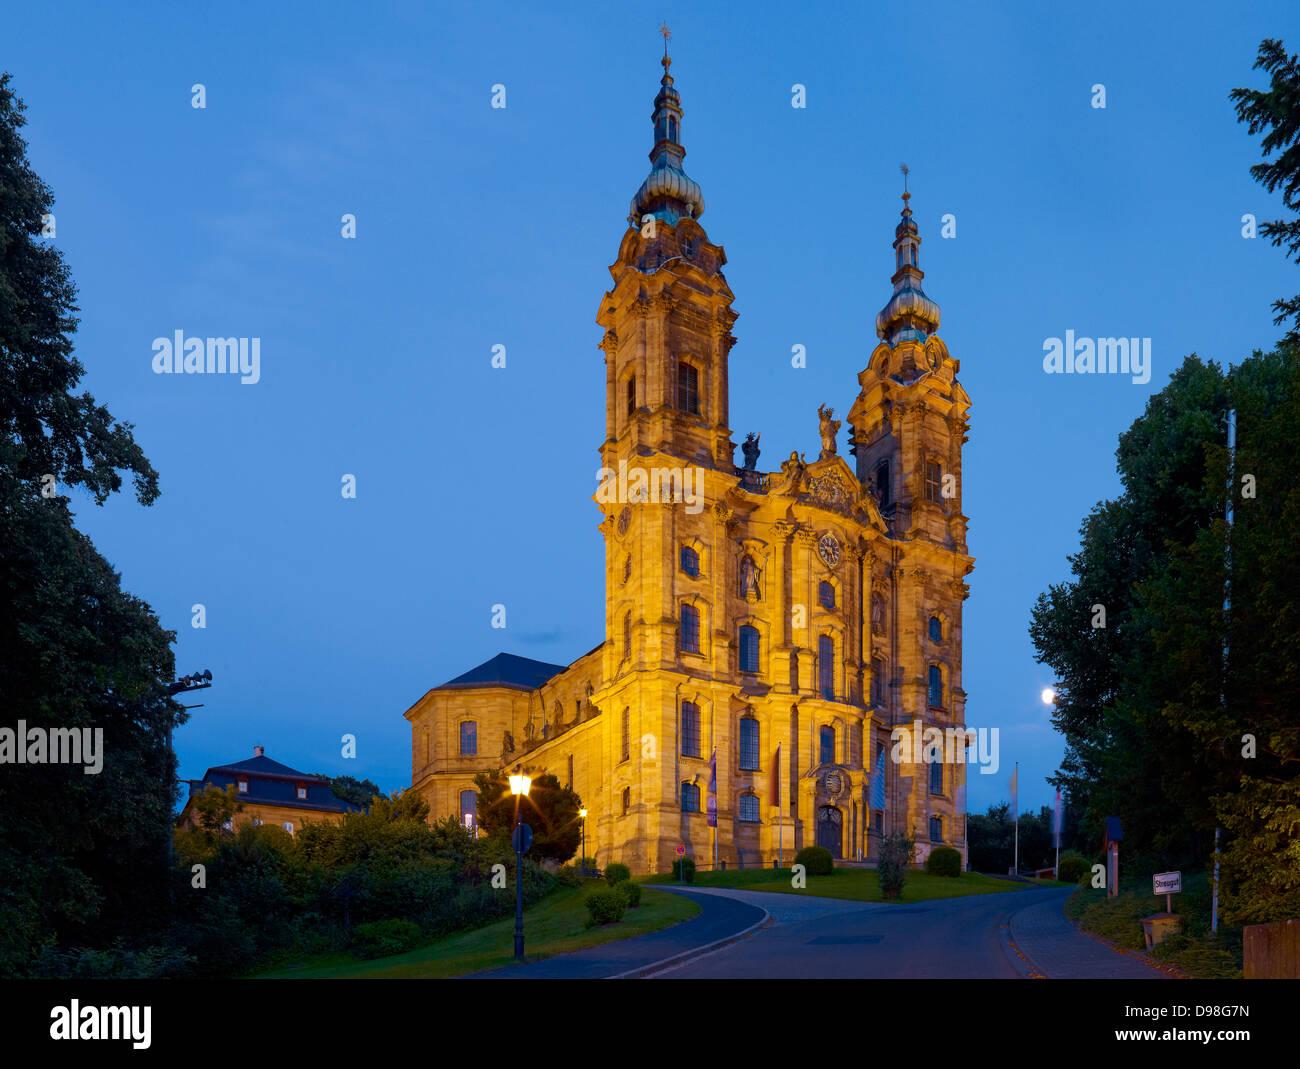 Basilique de la Sainte 14 Aides, Bad Staffelstein, Haute-Franconie, Bavière, Allemagne Photo Stock